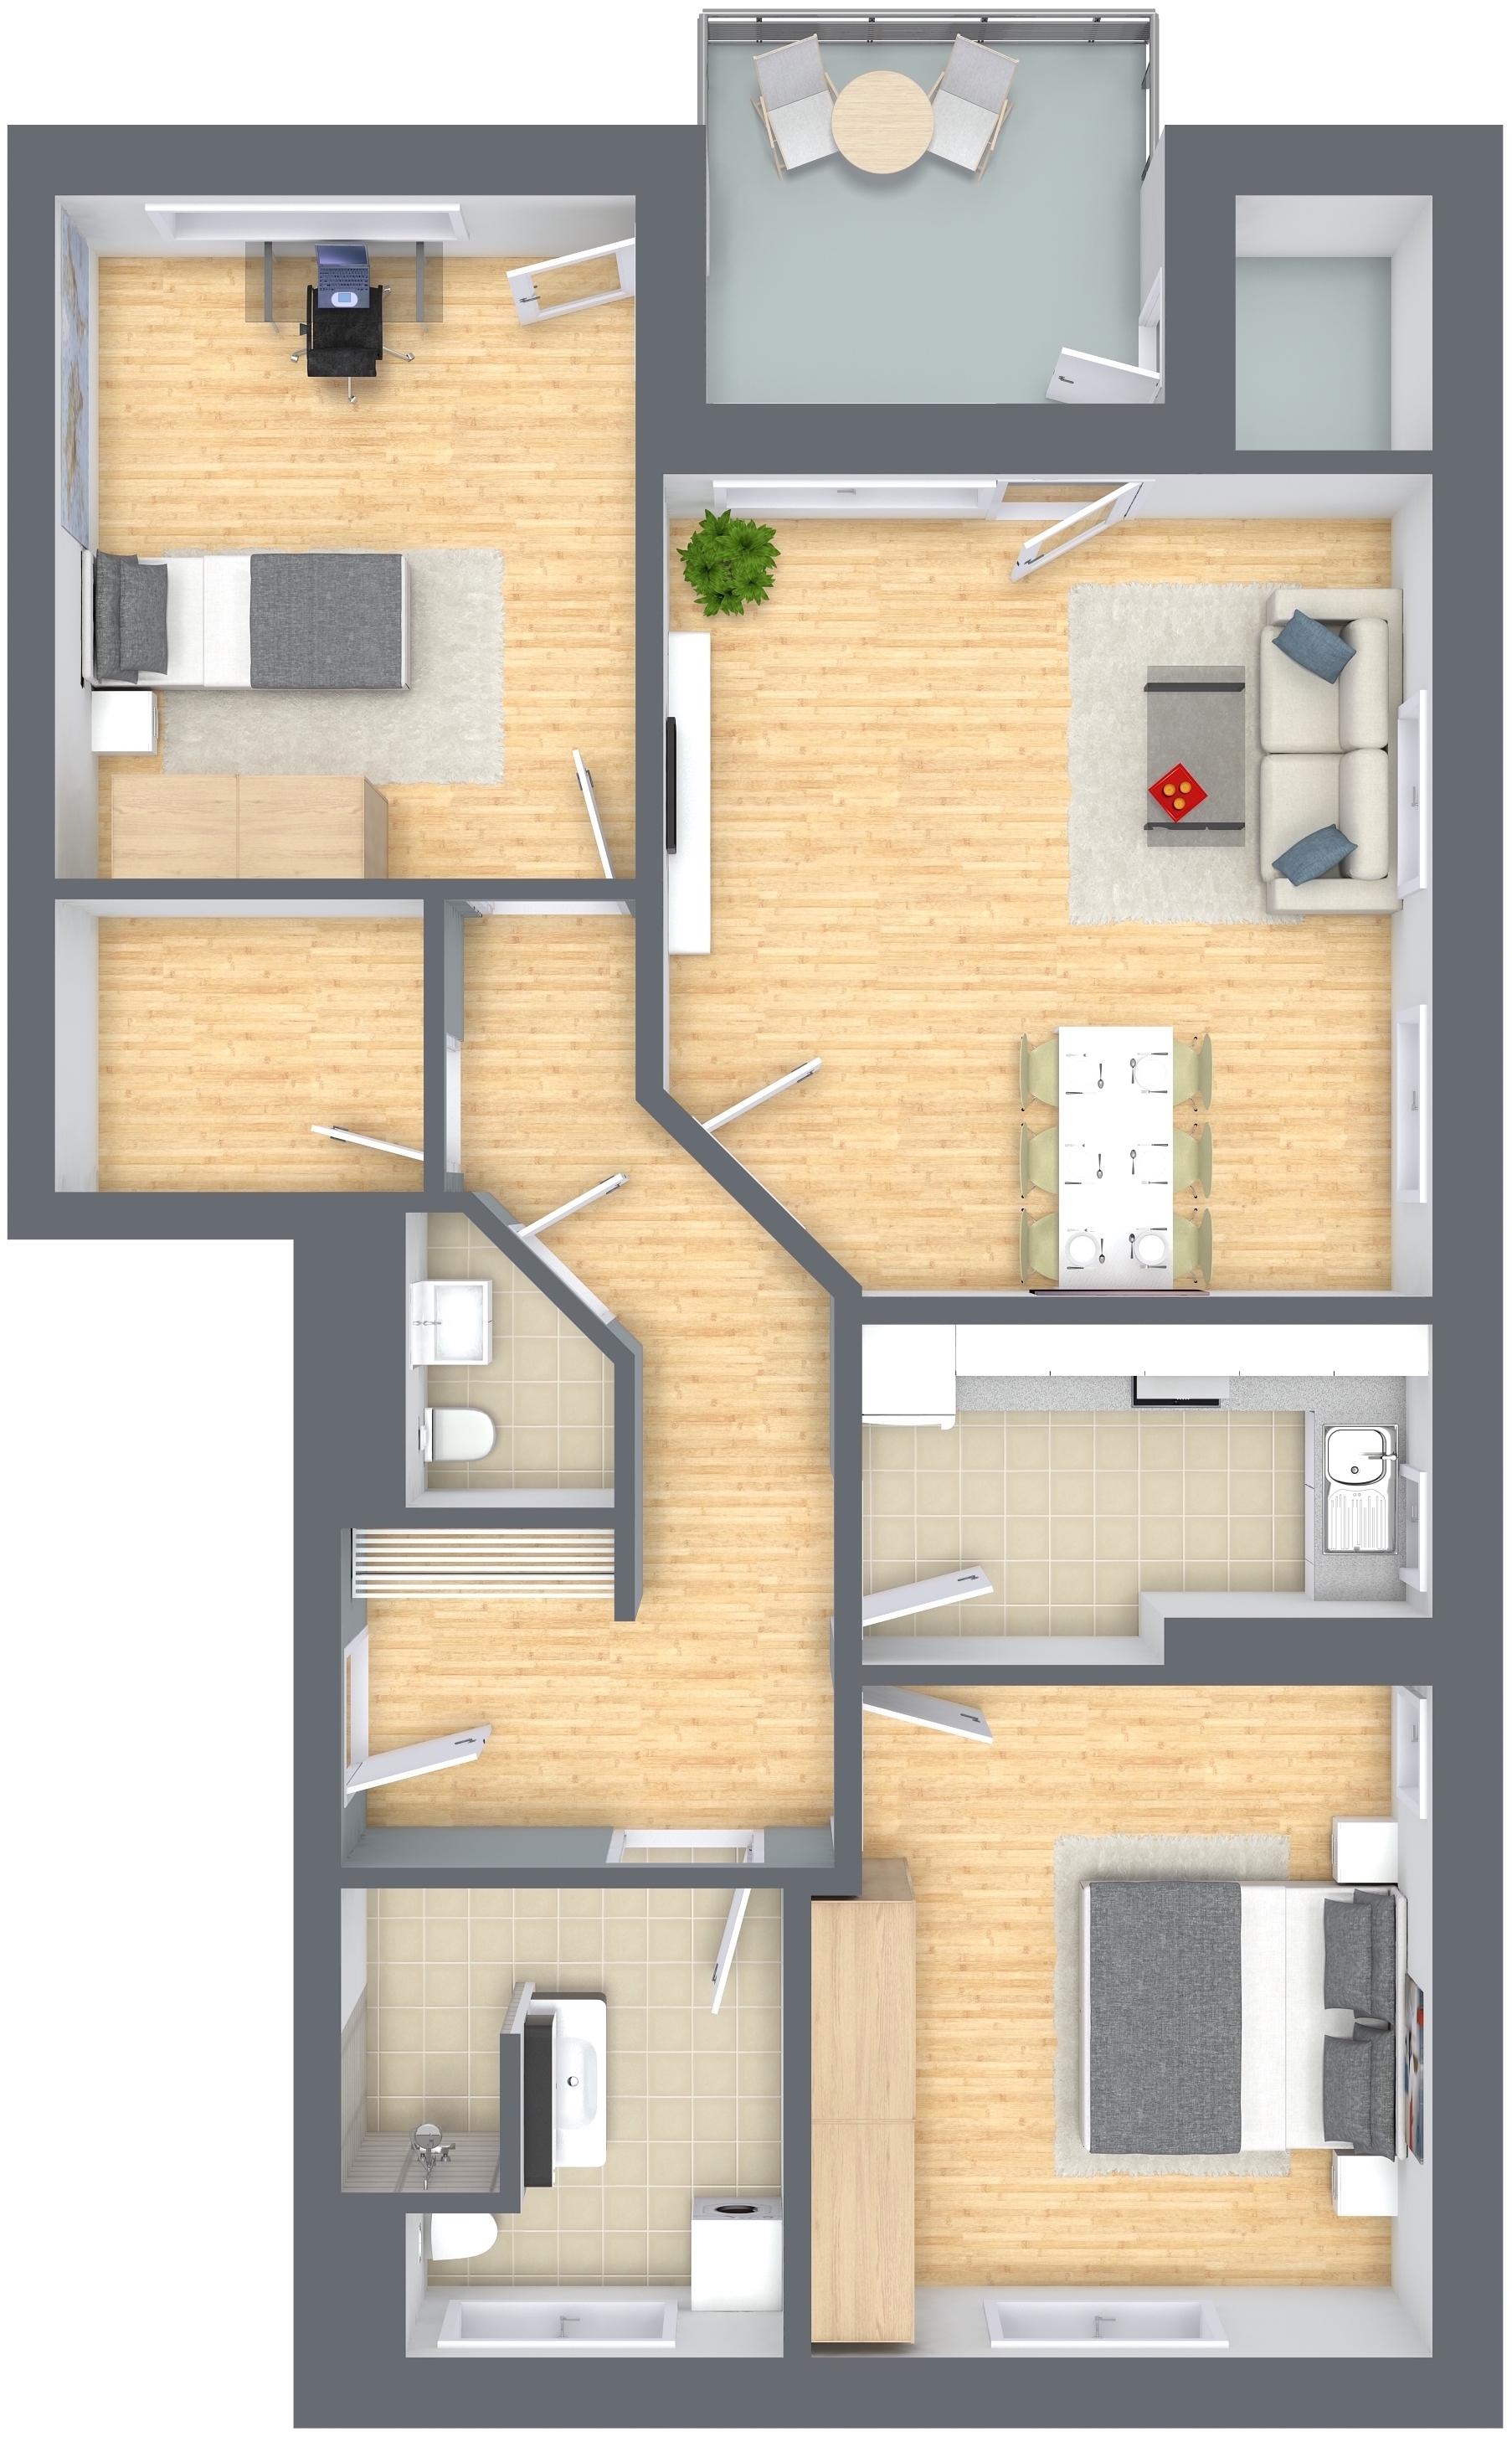 der klassiker in gro d7 oliver klenz der immobilienprofi. Black Bedroom Furniture Sets. Home Design Ideas